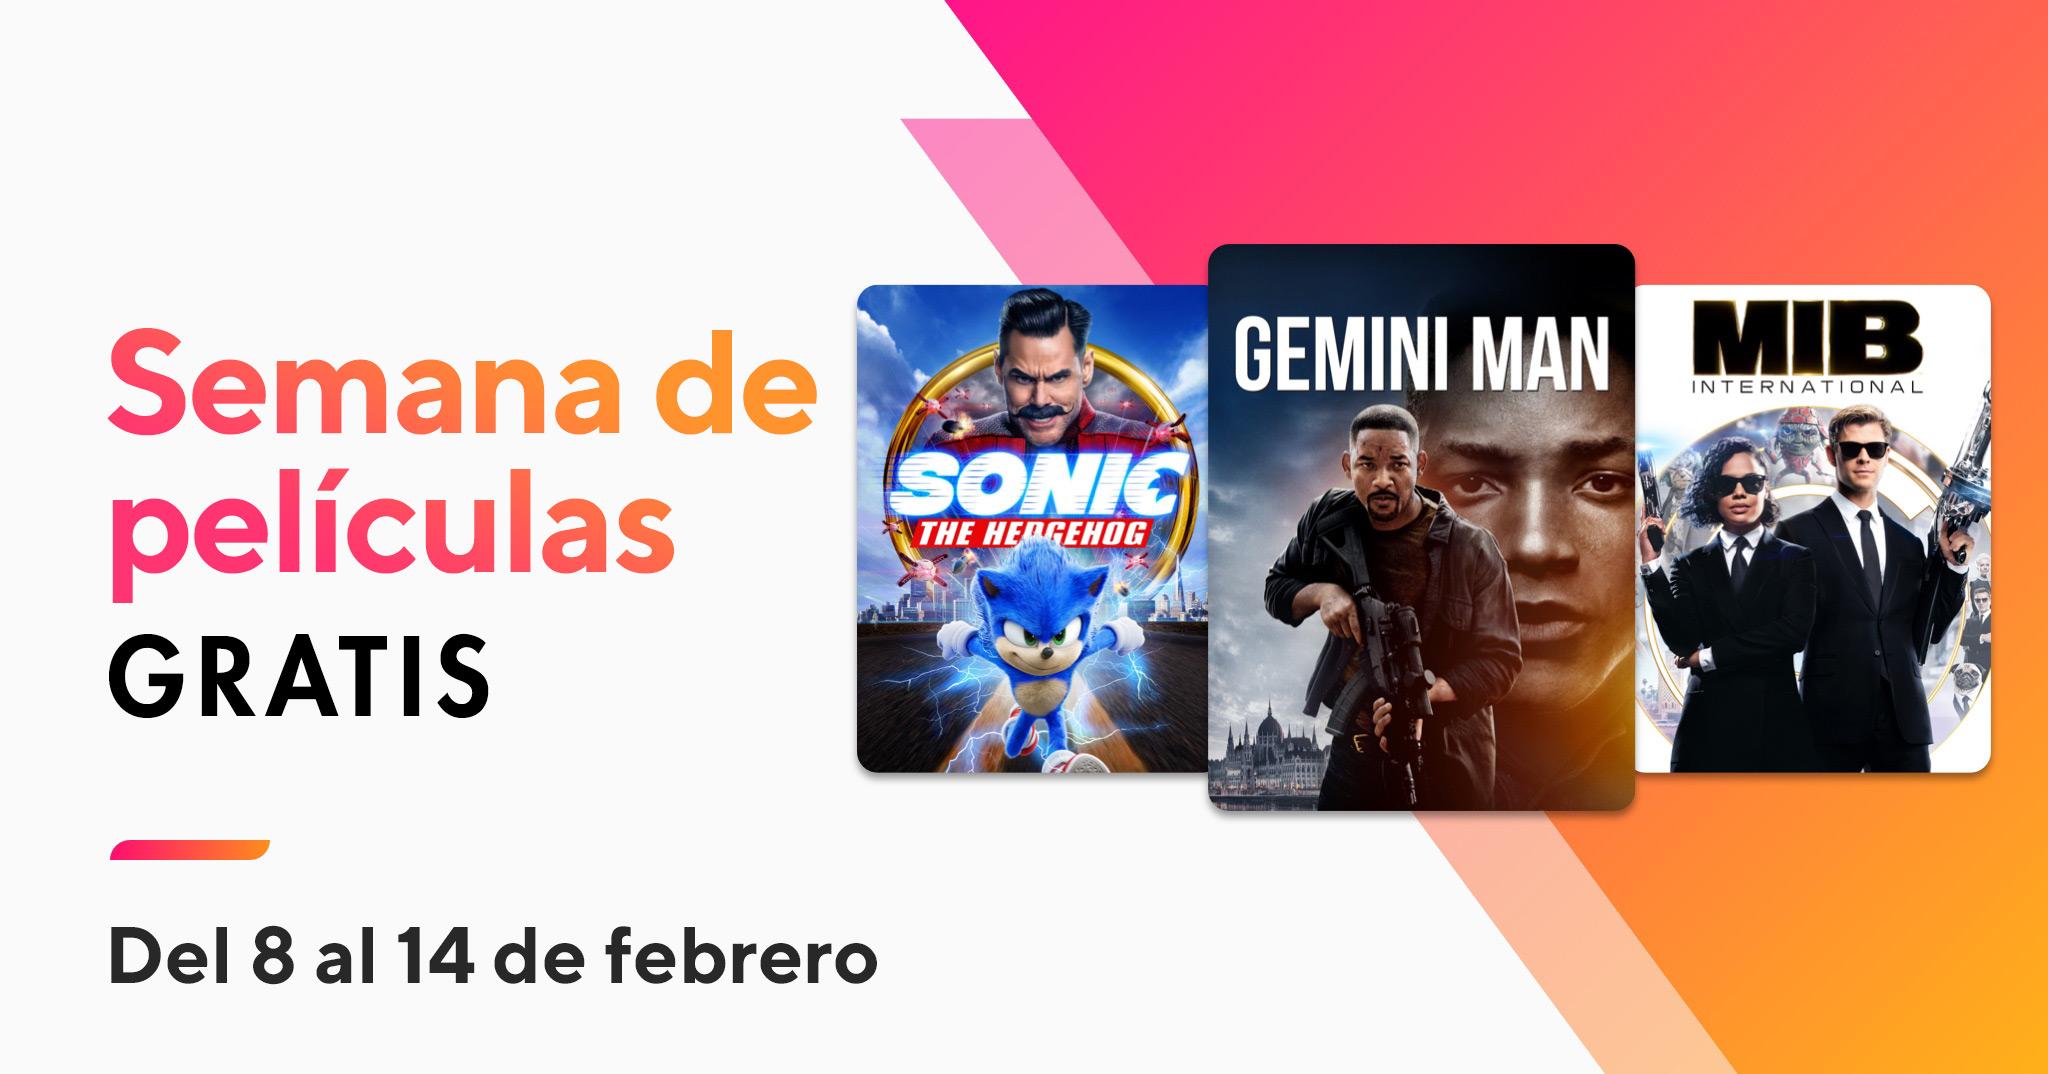 Semana de películas gratis en Xfinity, de2/8 a 2/14